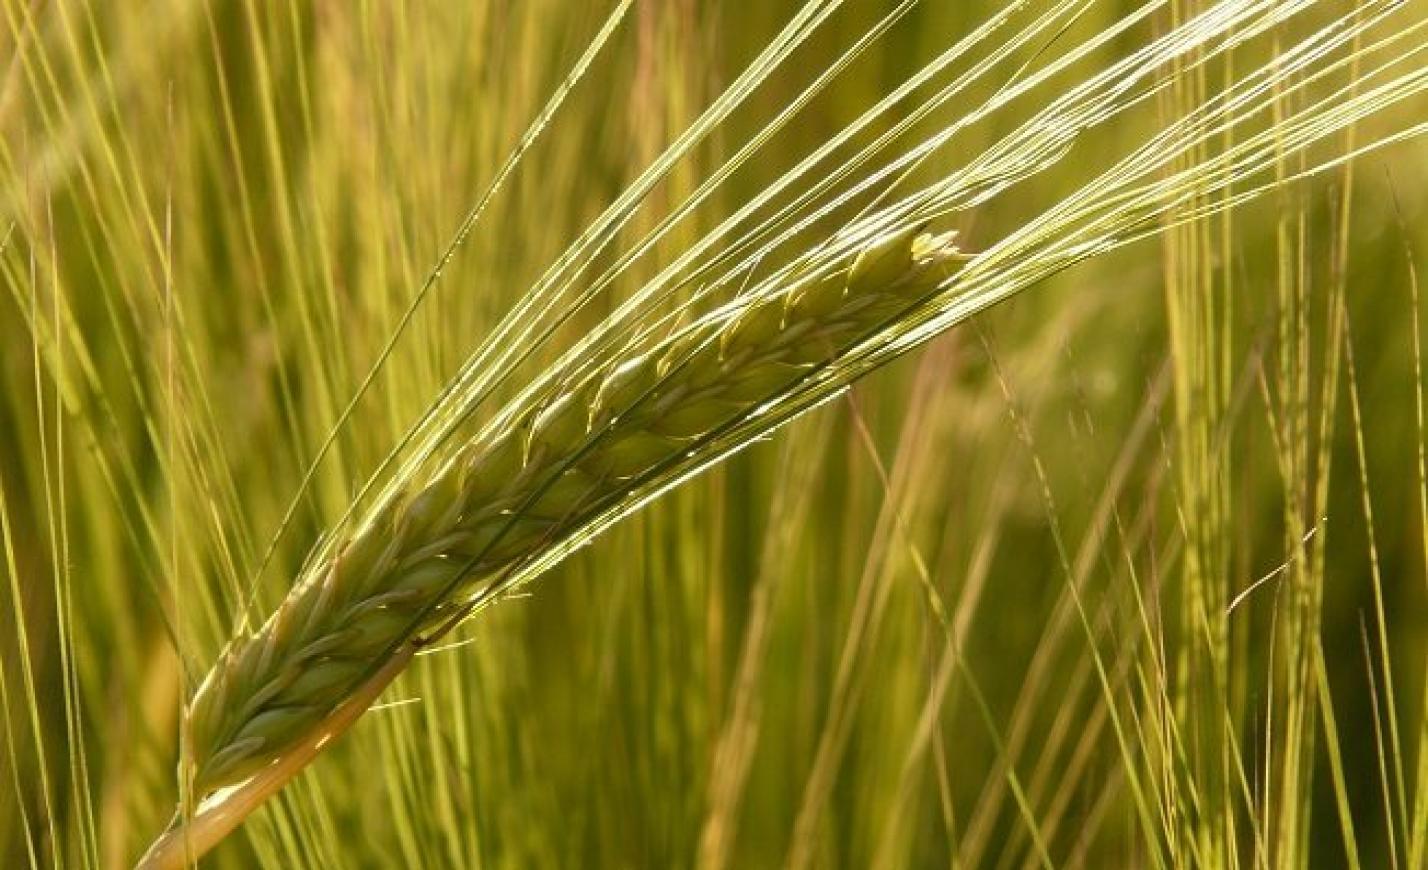 FM: egyre nagyobb szerepet kapnak a bioetanol-gyárak a gabonaágazat fejlődésében